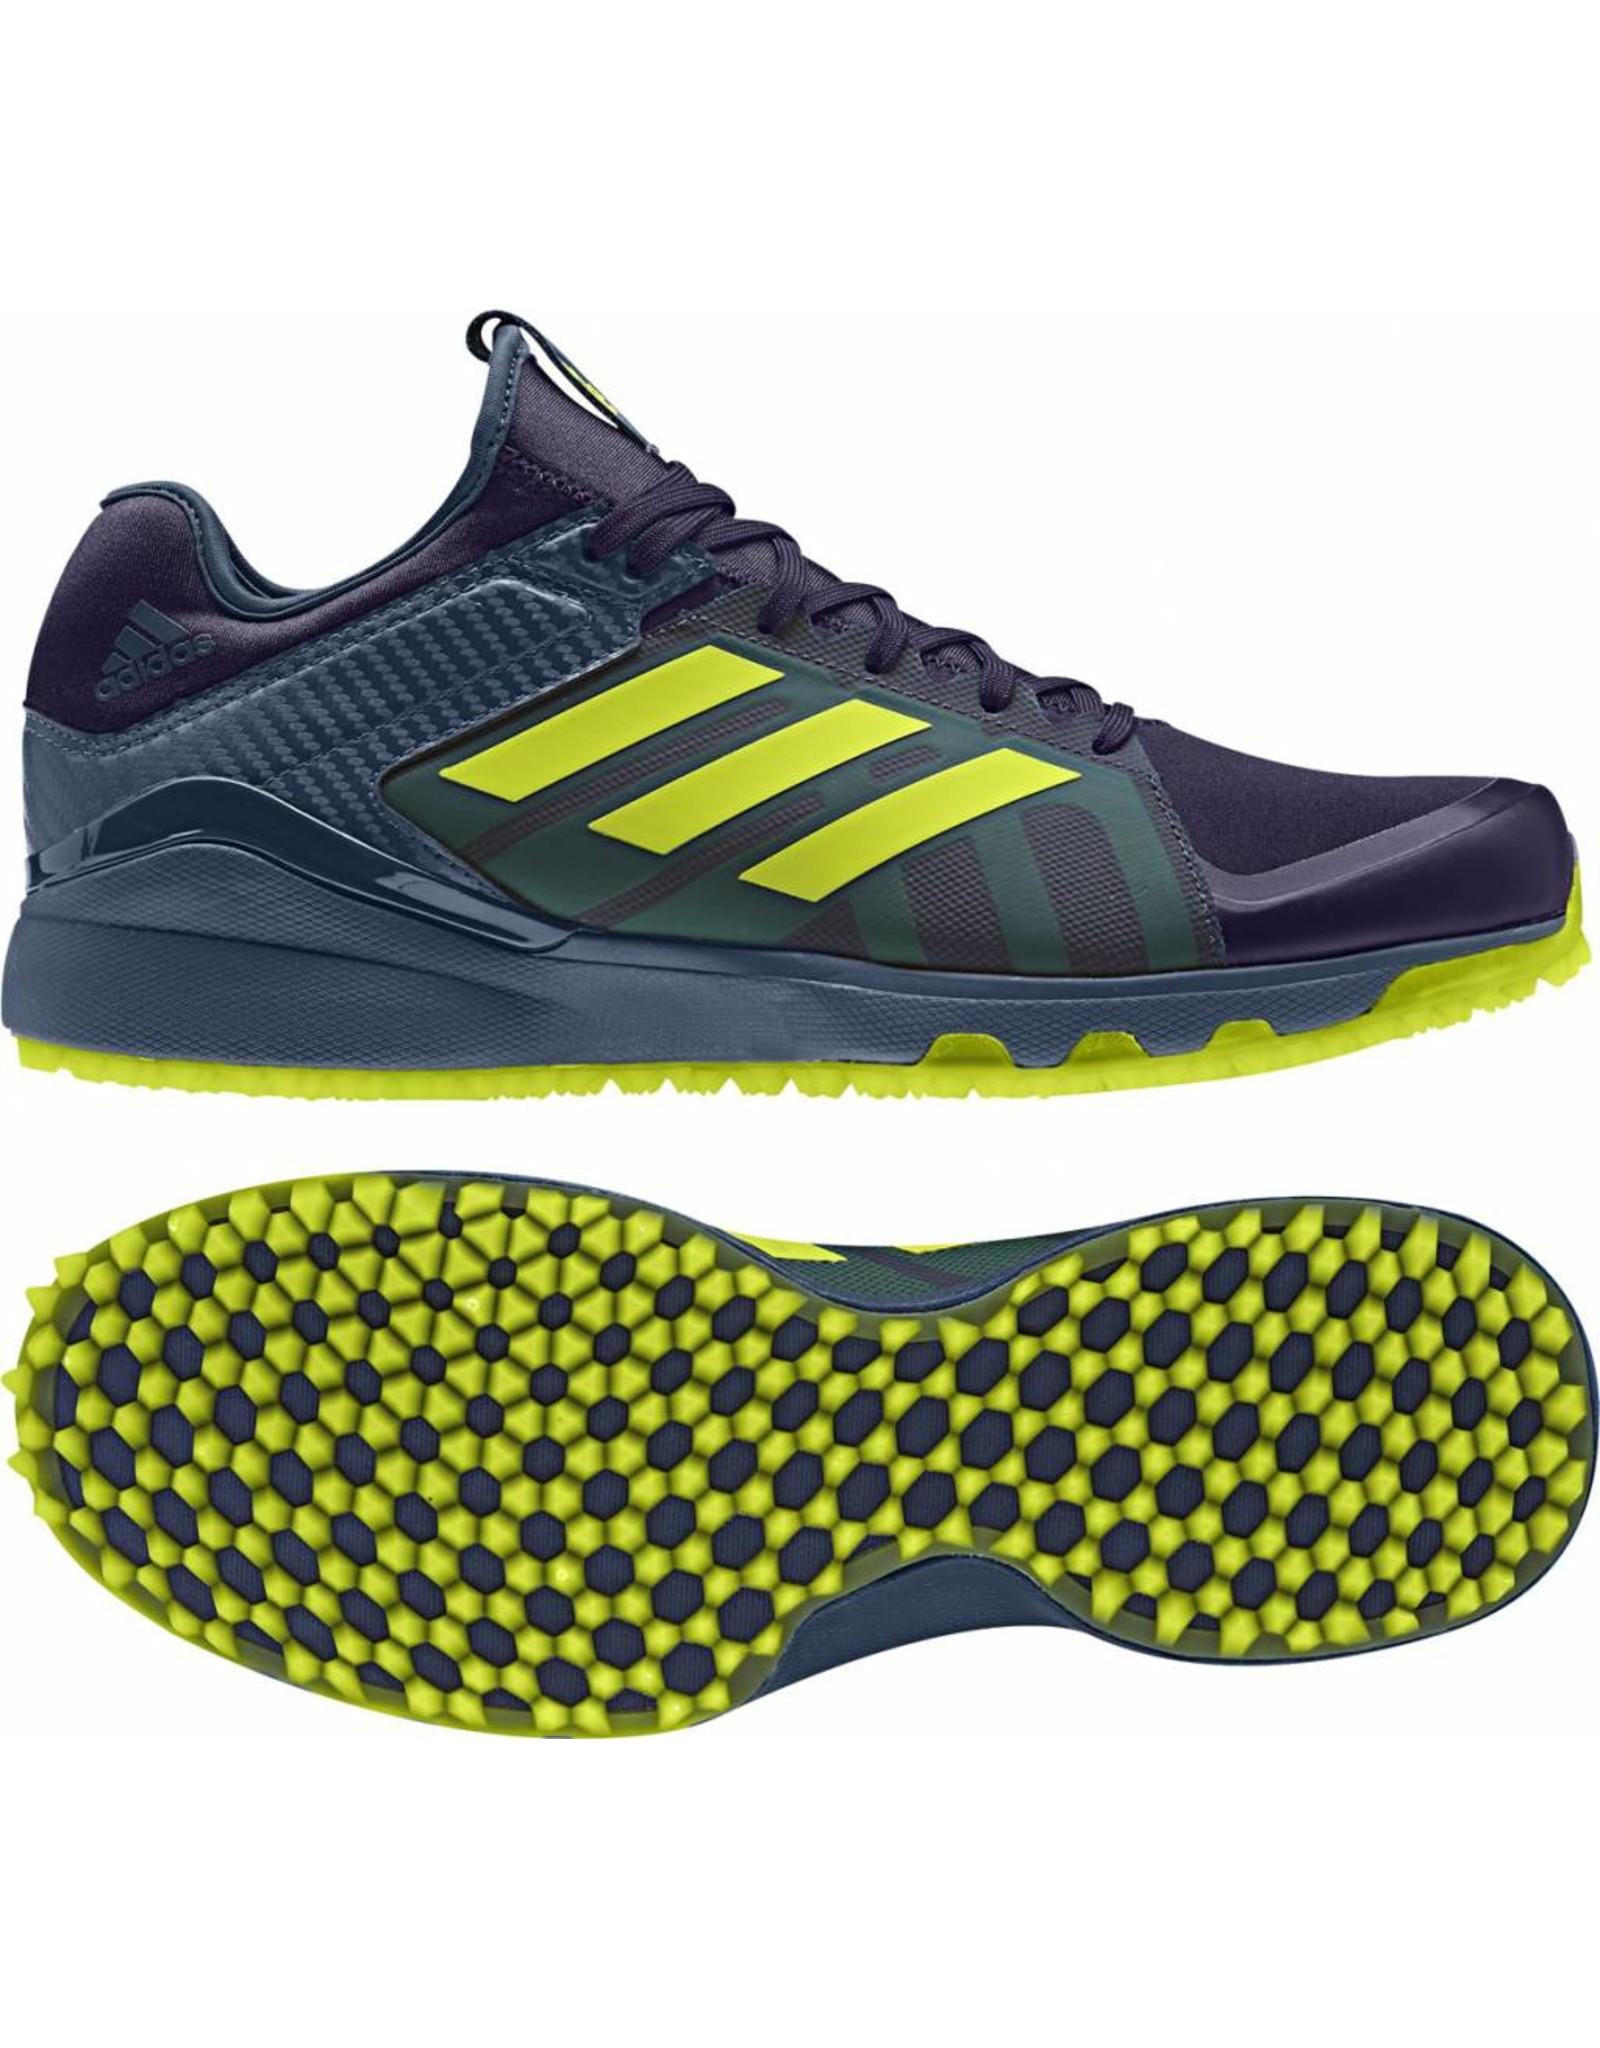 ADIDAS adidas Hockey Lux Blue/Yellow 46 2/3 17/18